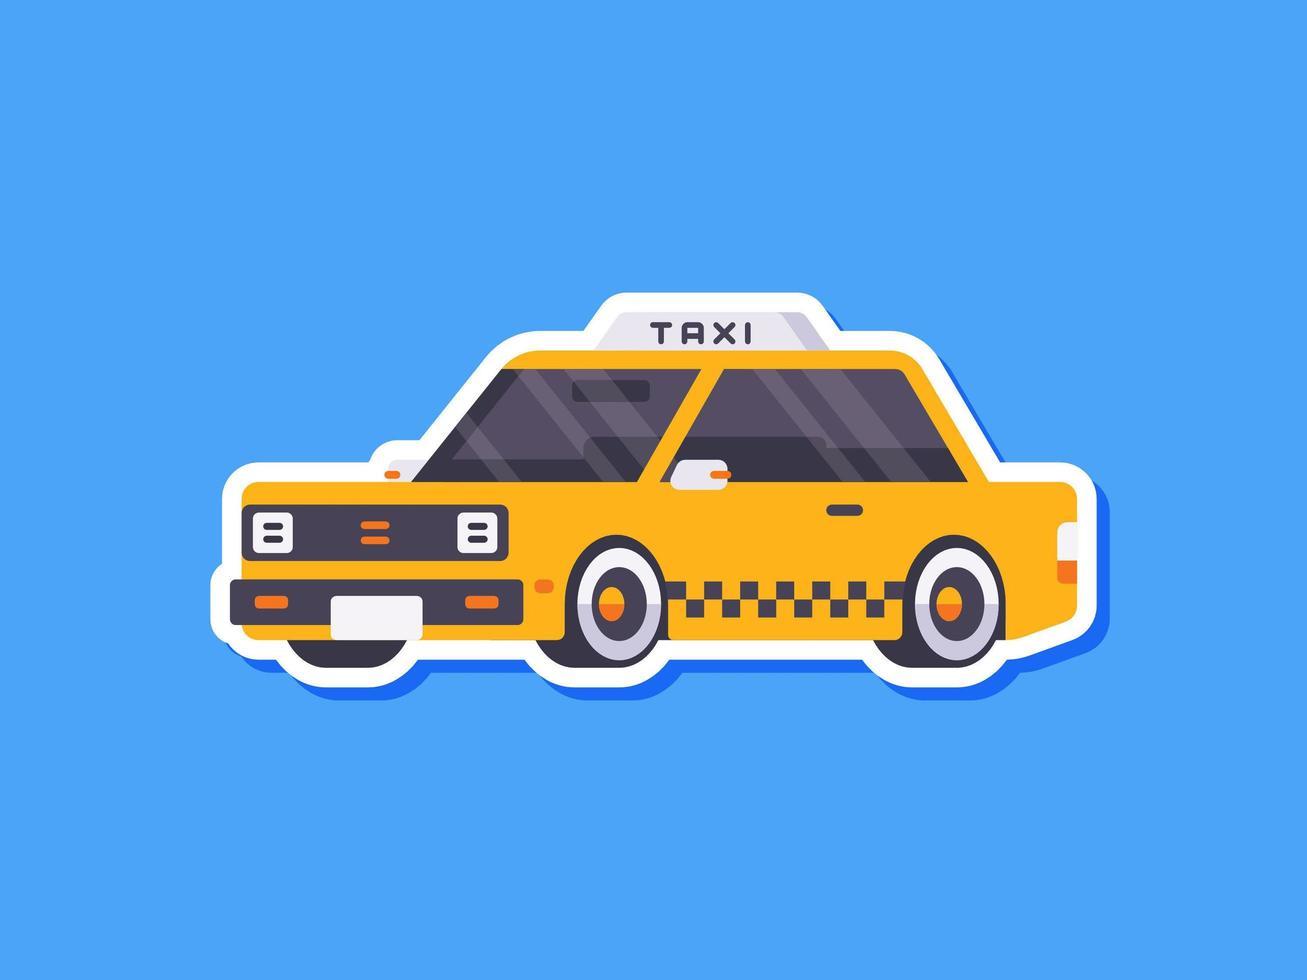 taxi sticker in vlakke stijl vector